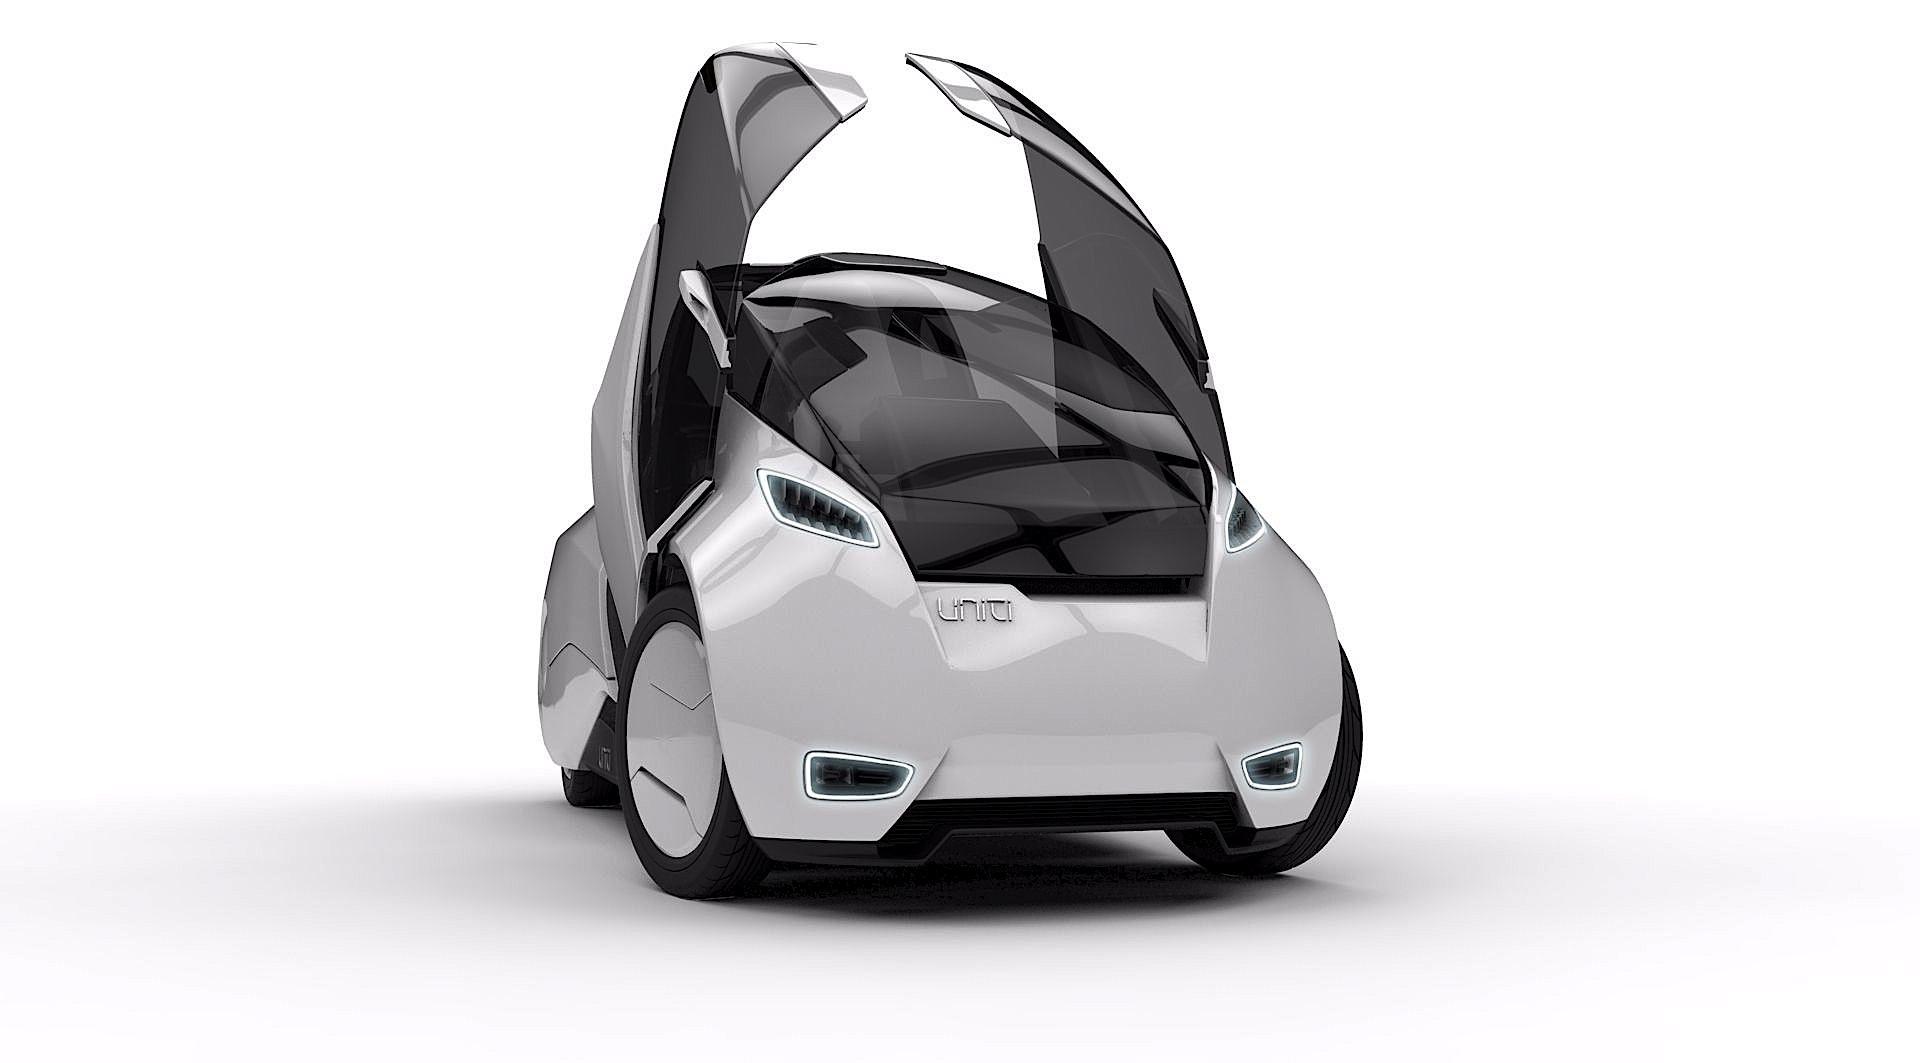 Uniti mit geöffneten Flügeltüren: Das kleine Elektroauto wiegt nur 400 kg und ist eine Entwicklung der Universität Lund in Schweden. 2019 soll es auf den Markt kommen.